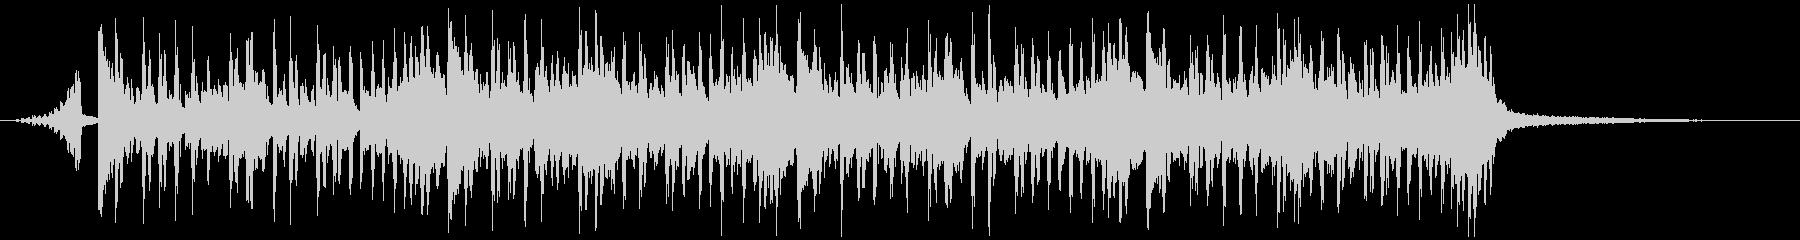 シンキング・タイム(メロディー有り)の未再生の波形